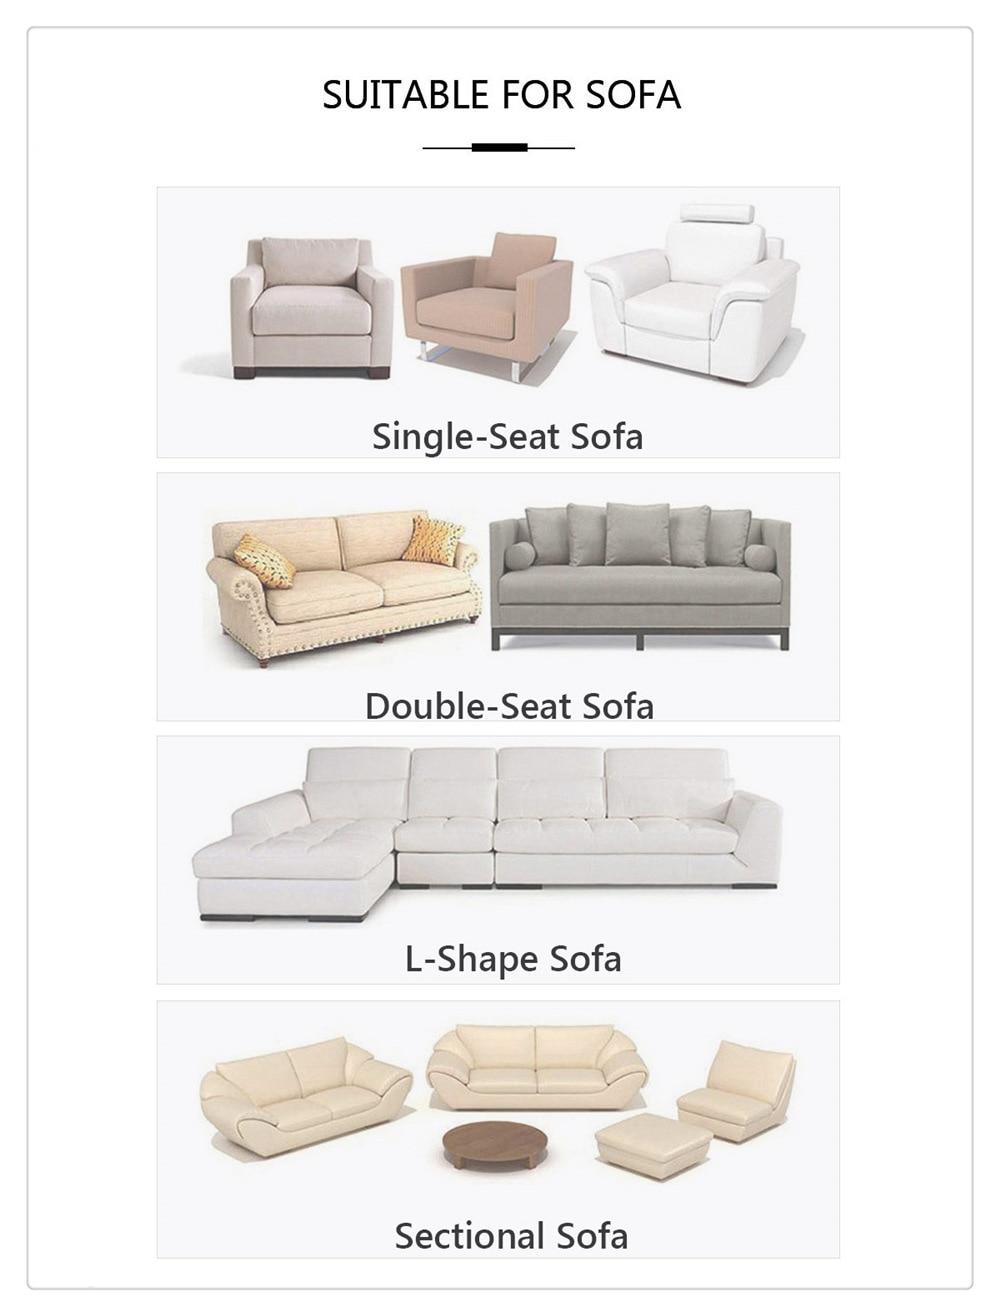 适合沙发种类 - 副本 - 副本